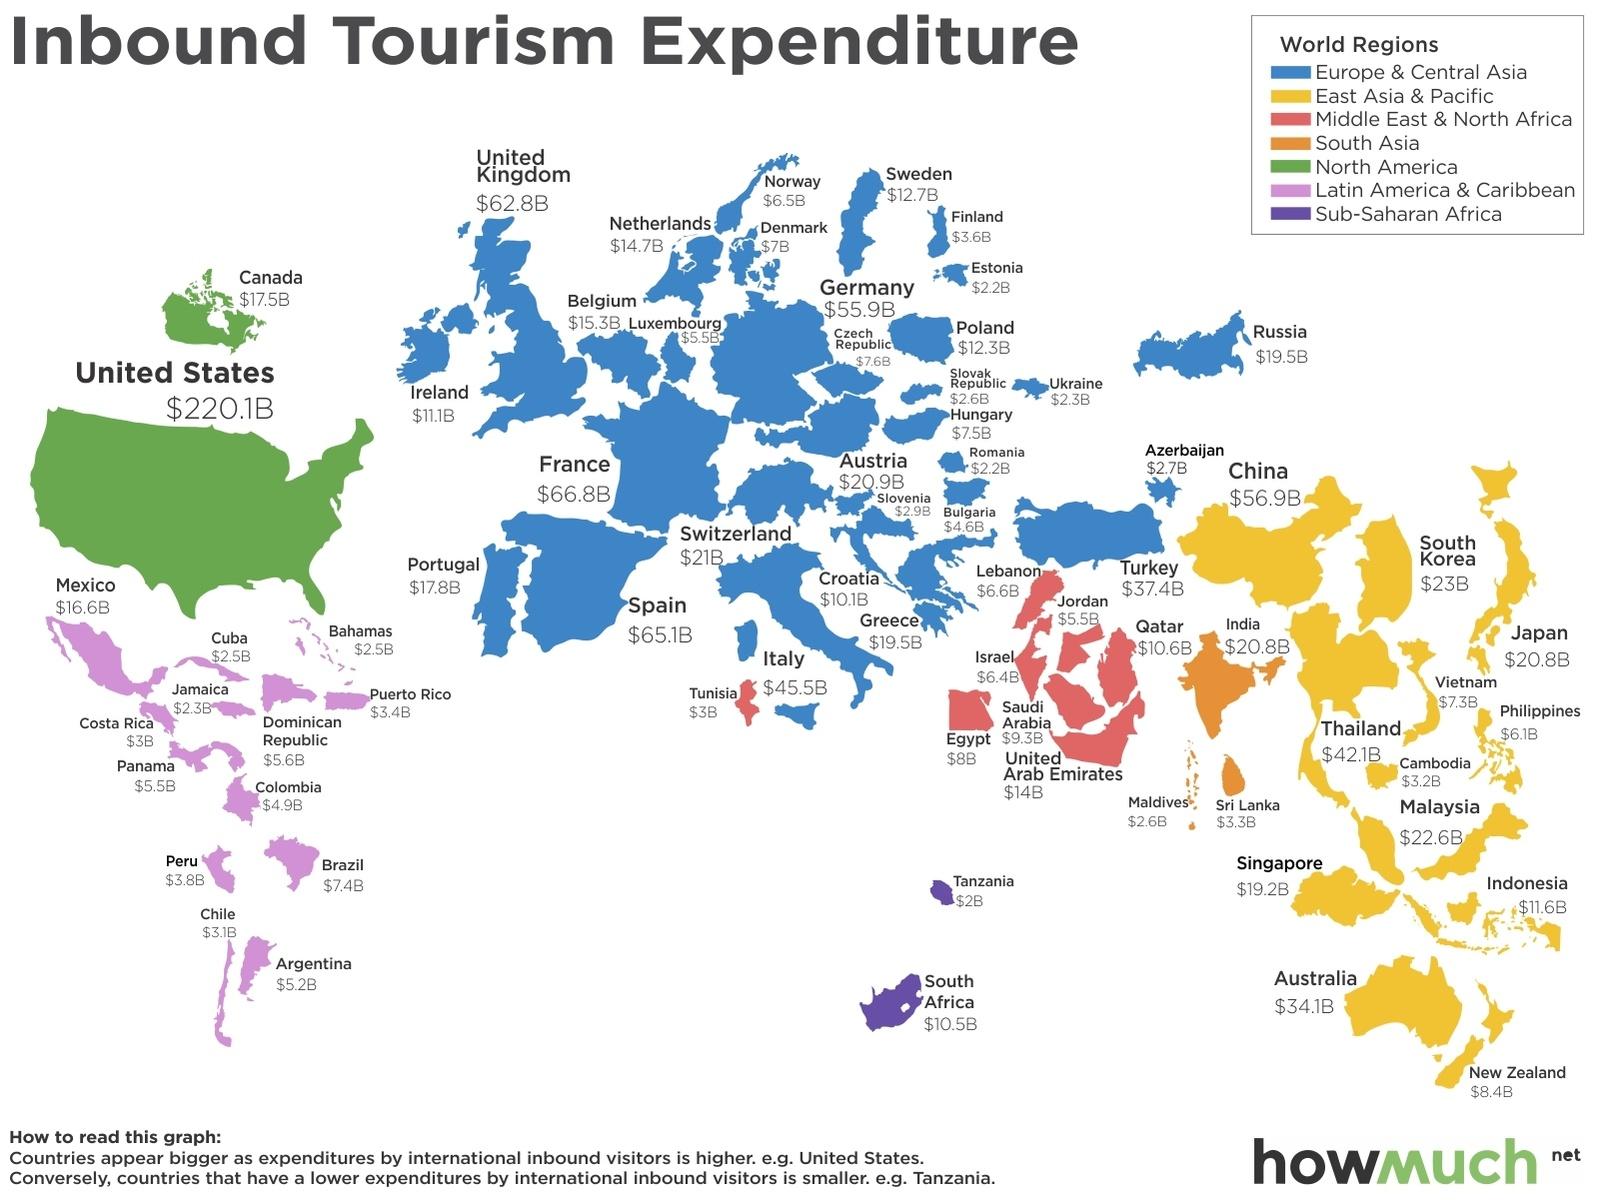 inbound-tourism-expenditure-7cc7